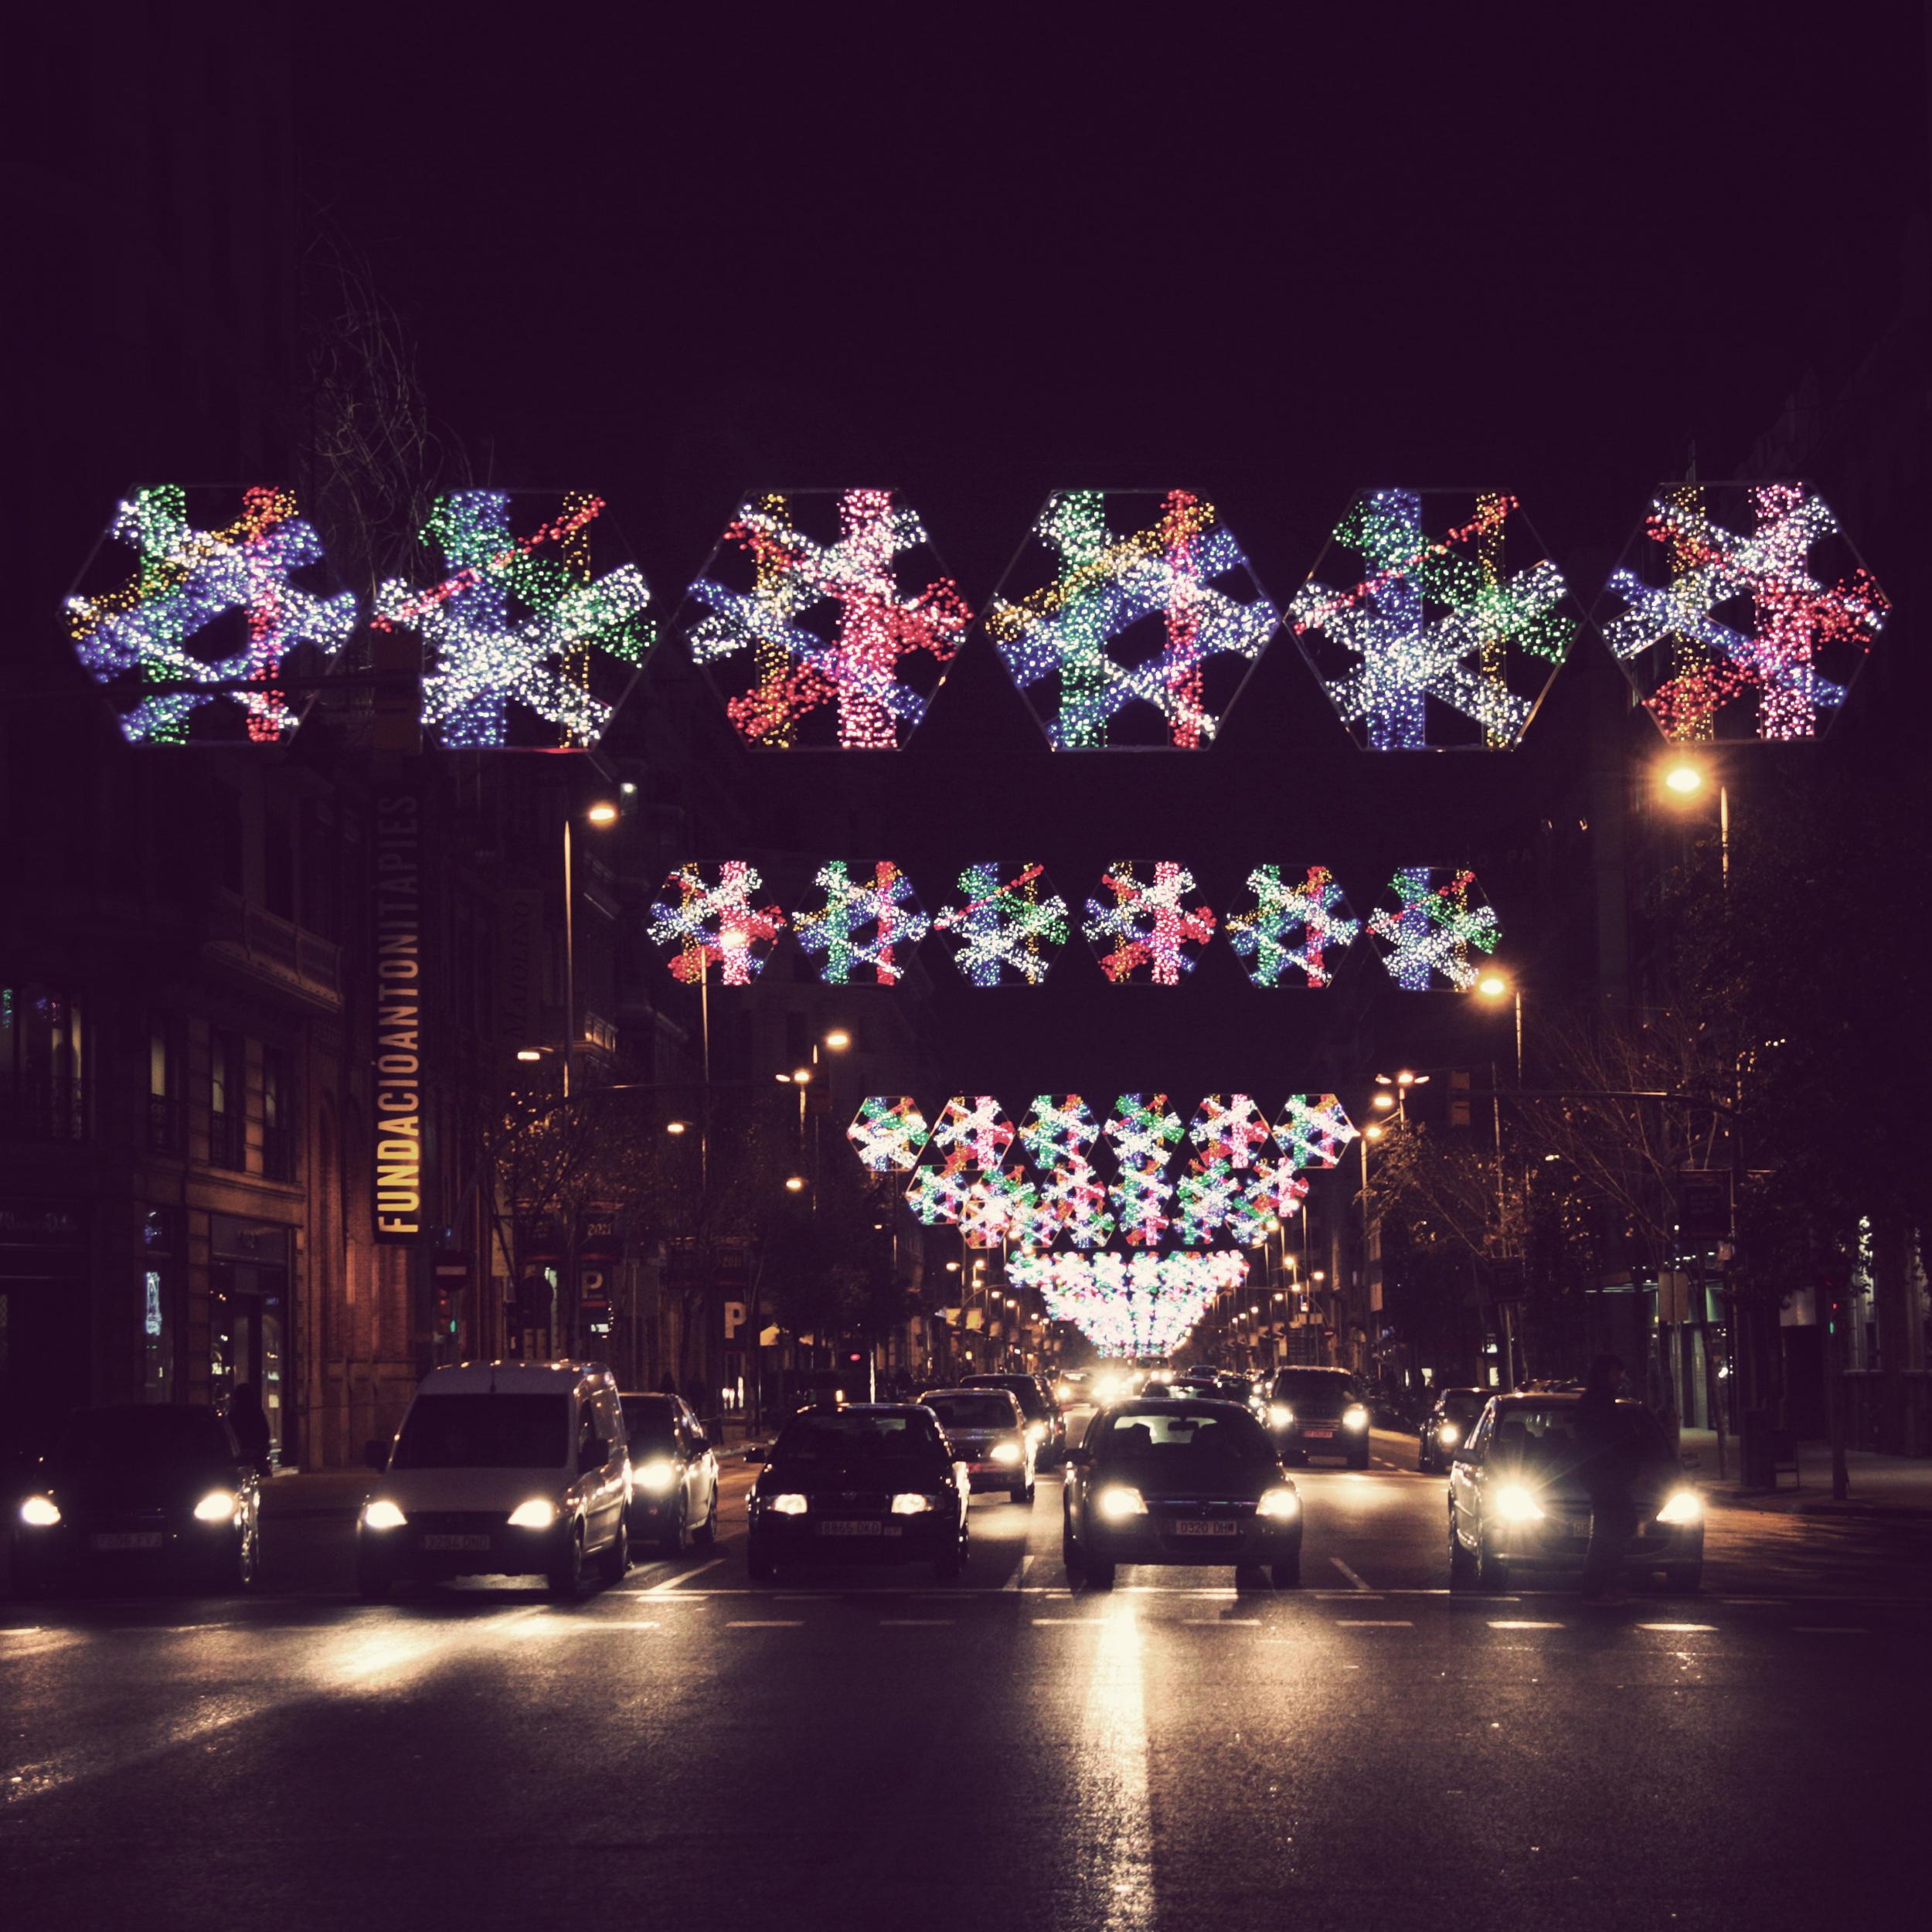 BCN_Xmas Lights_01.jpg